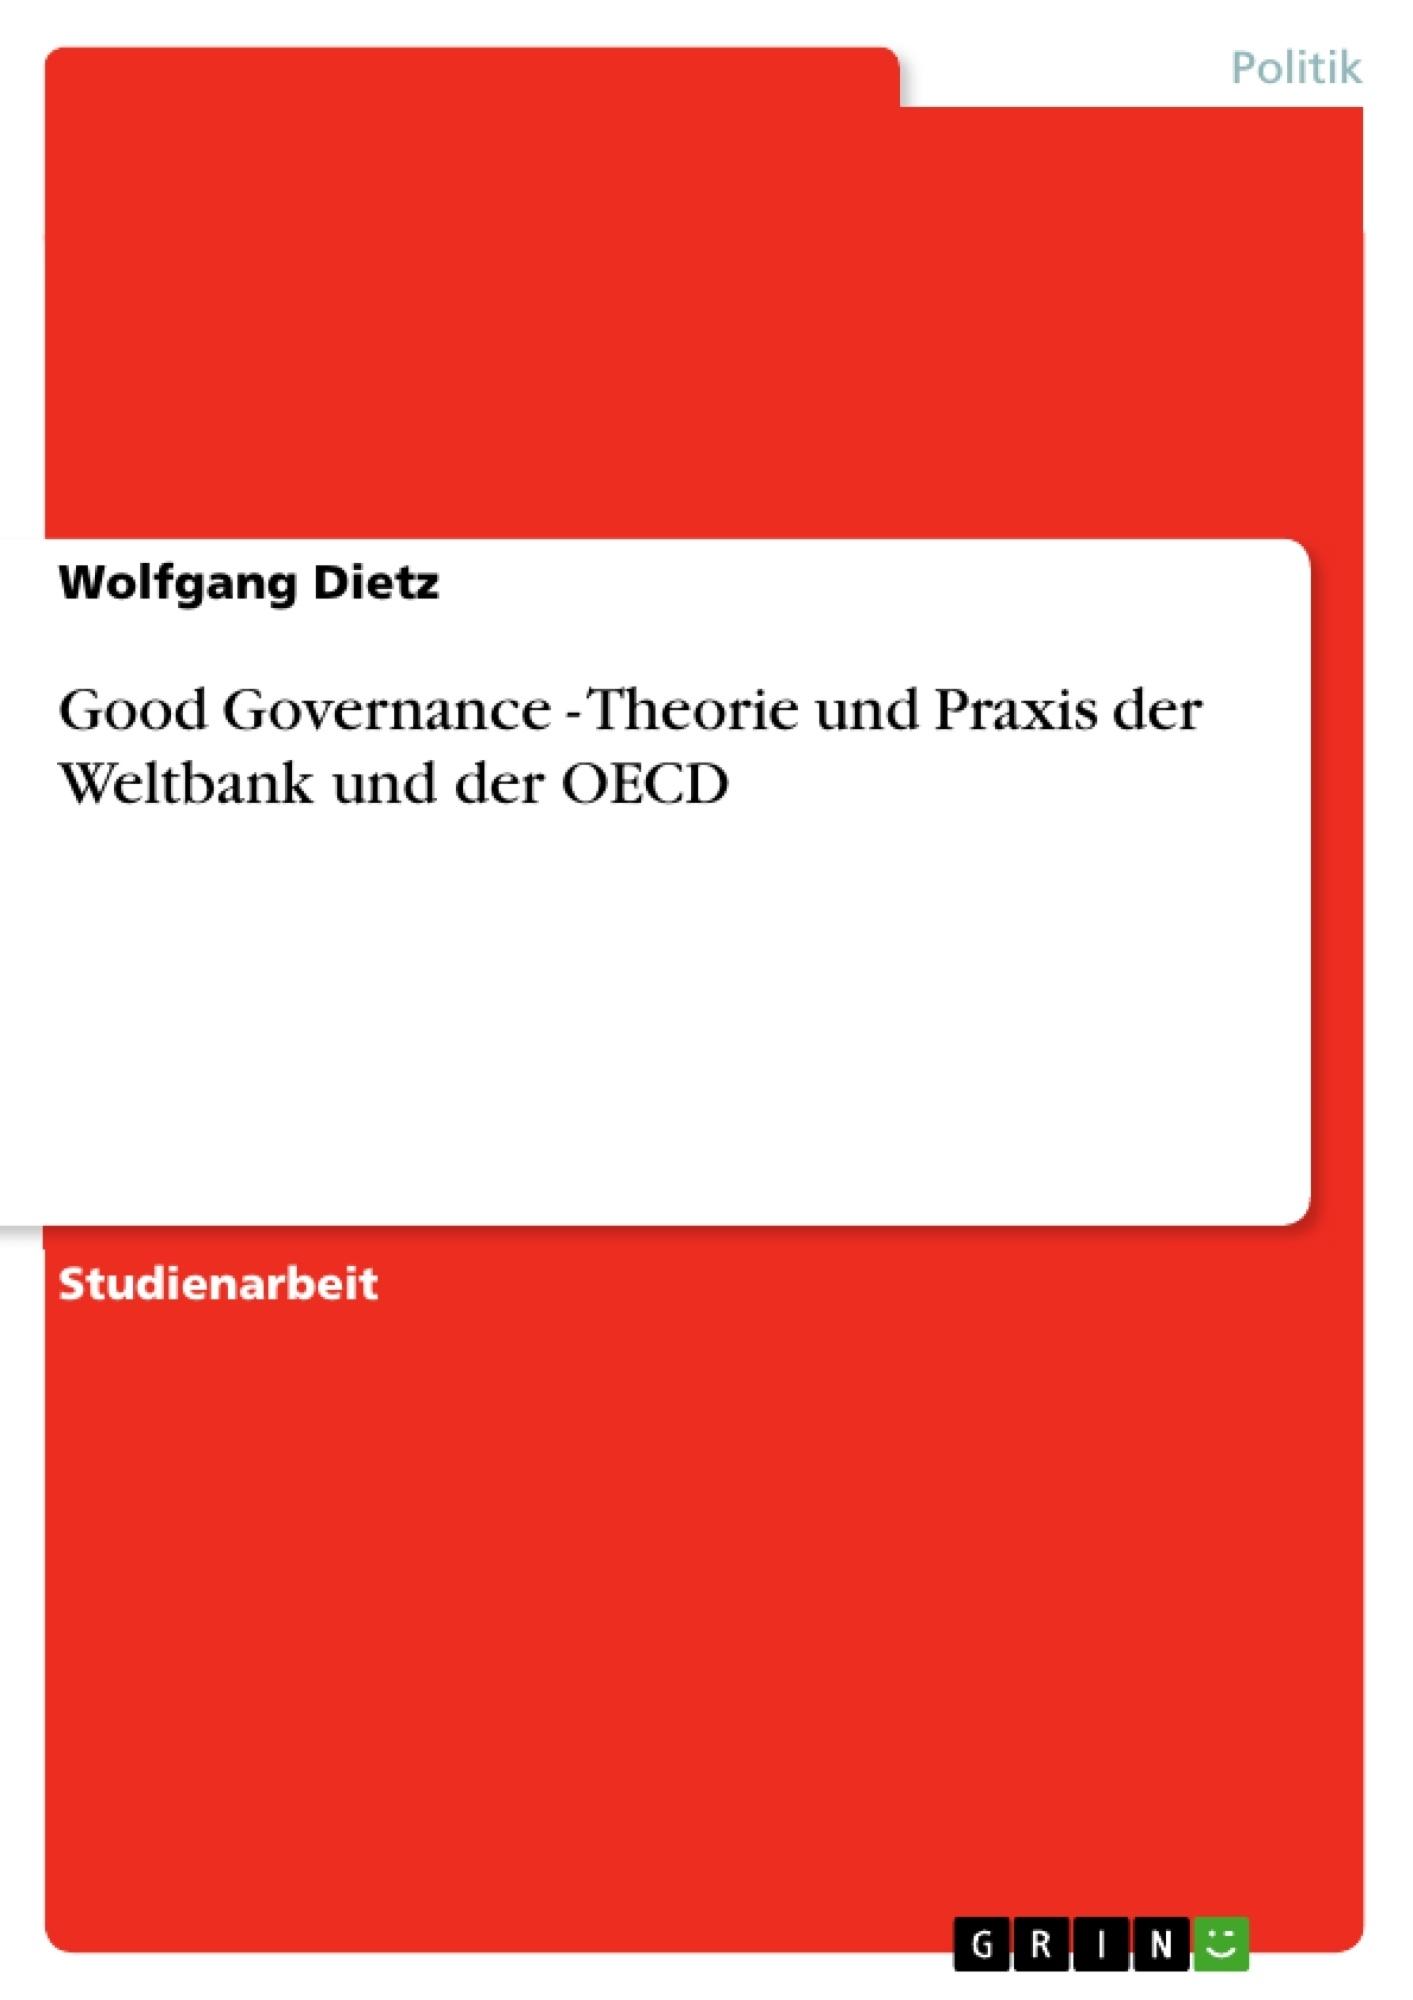 Titel: Good Governance - Theorie und Praxis der Weltbank und der OECD